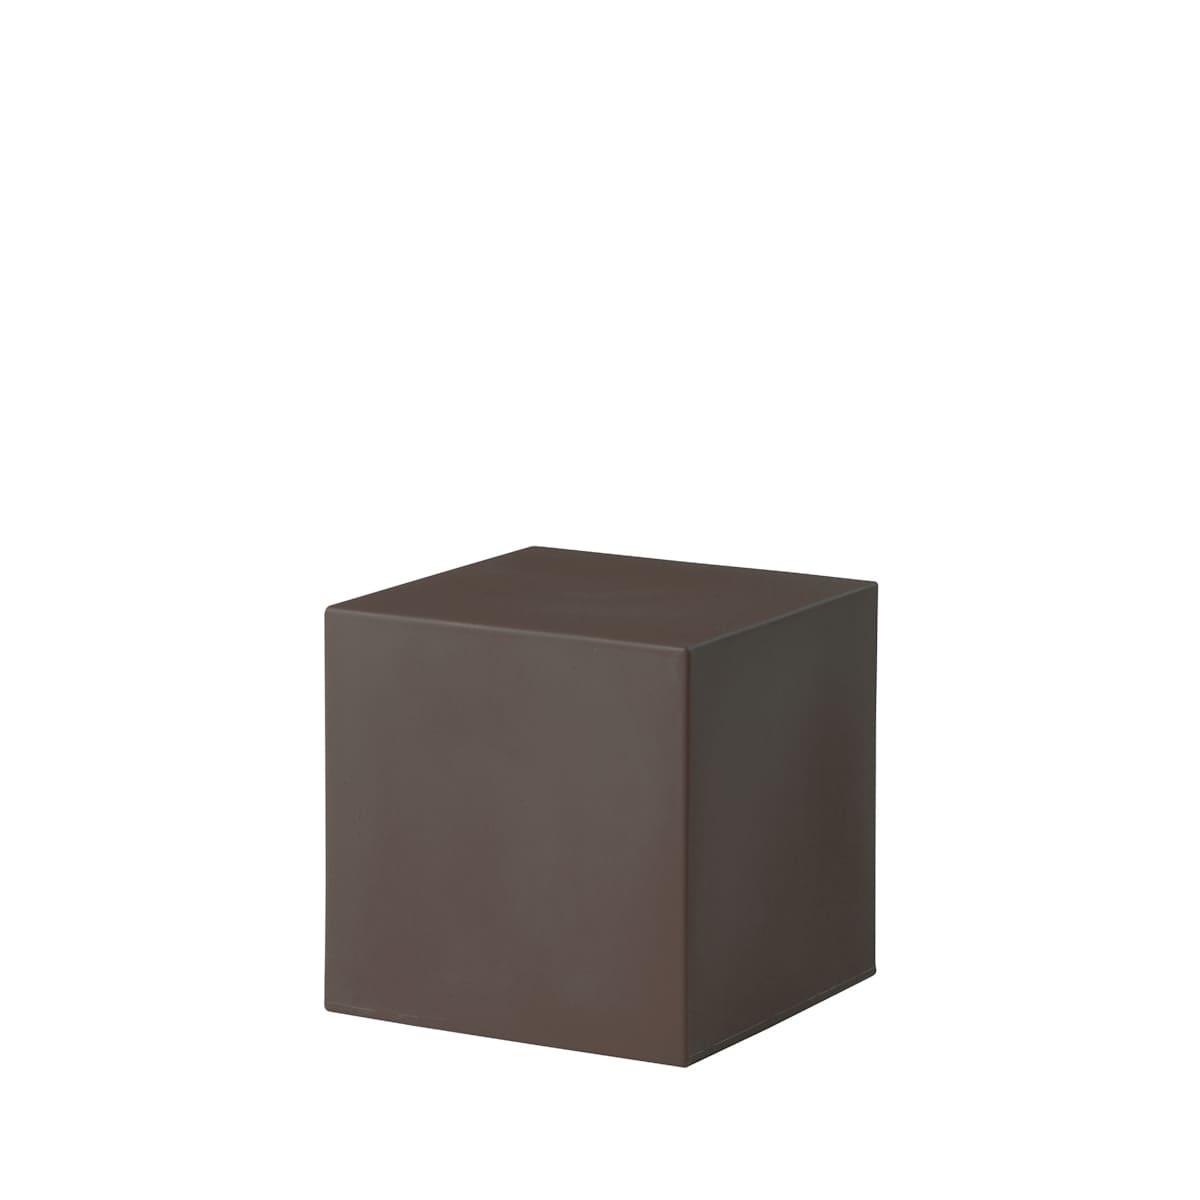 antrazith cube würfel Bunte Wuerfel Outdoor - Cube Würfel beleuchtet